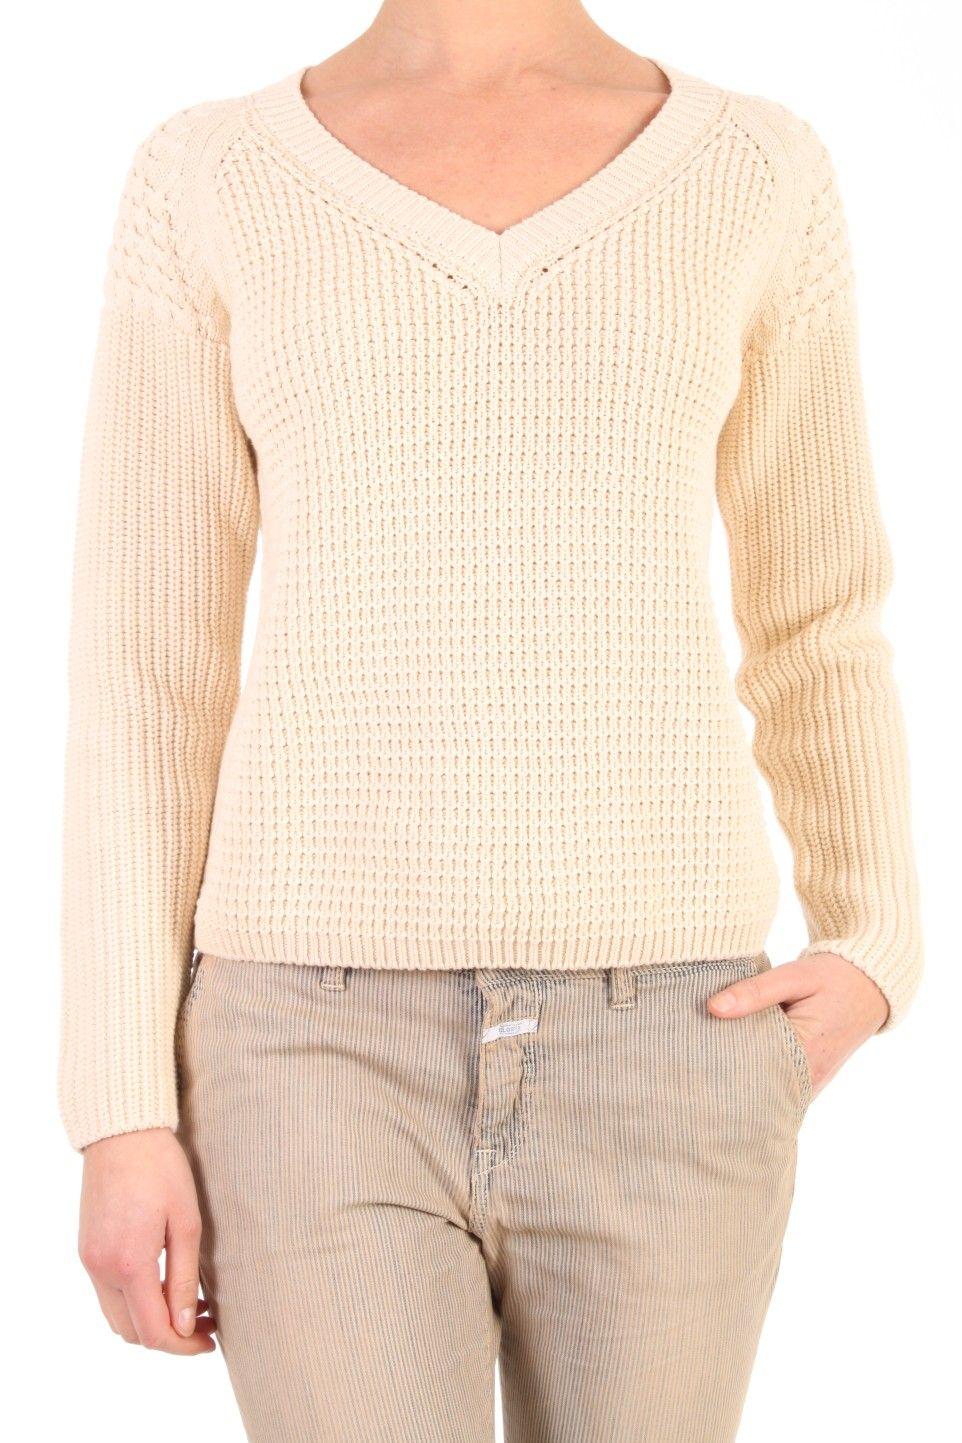 Deze pullover van Closed in Ivory is gemaakt van katoen. De trui heeft een v-hals en heeft verschillende structuren en heeft een rechte fit. Een stoere trui in 100% katoen. C96217 925 20 229 Pullover.